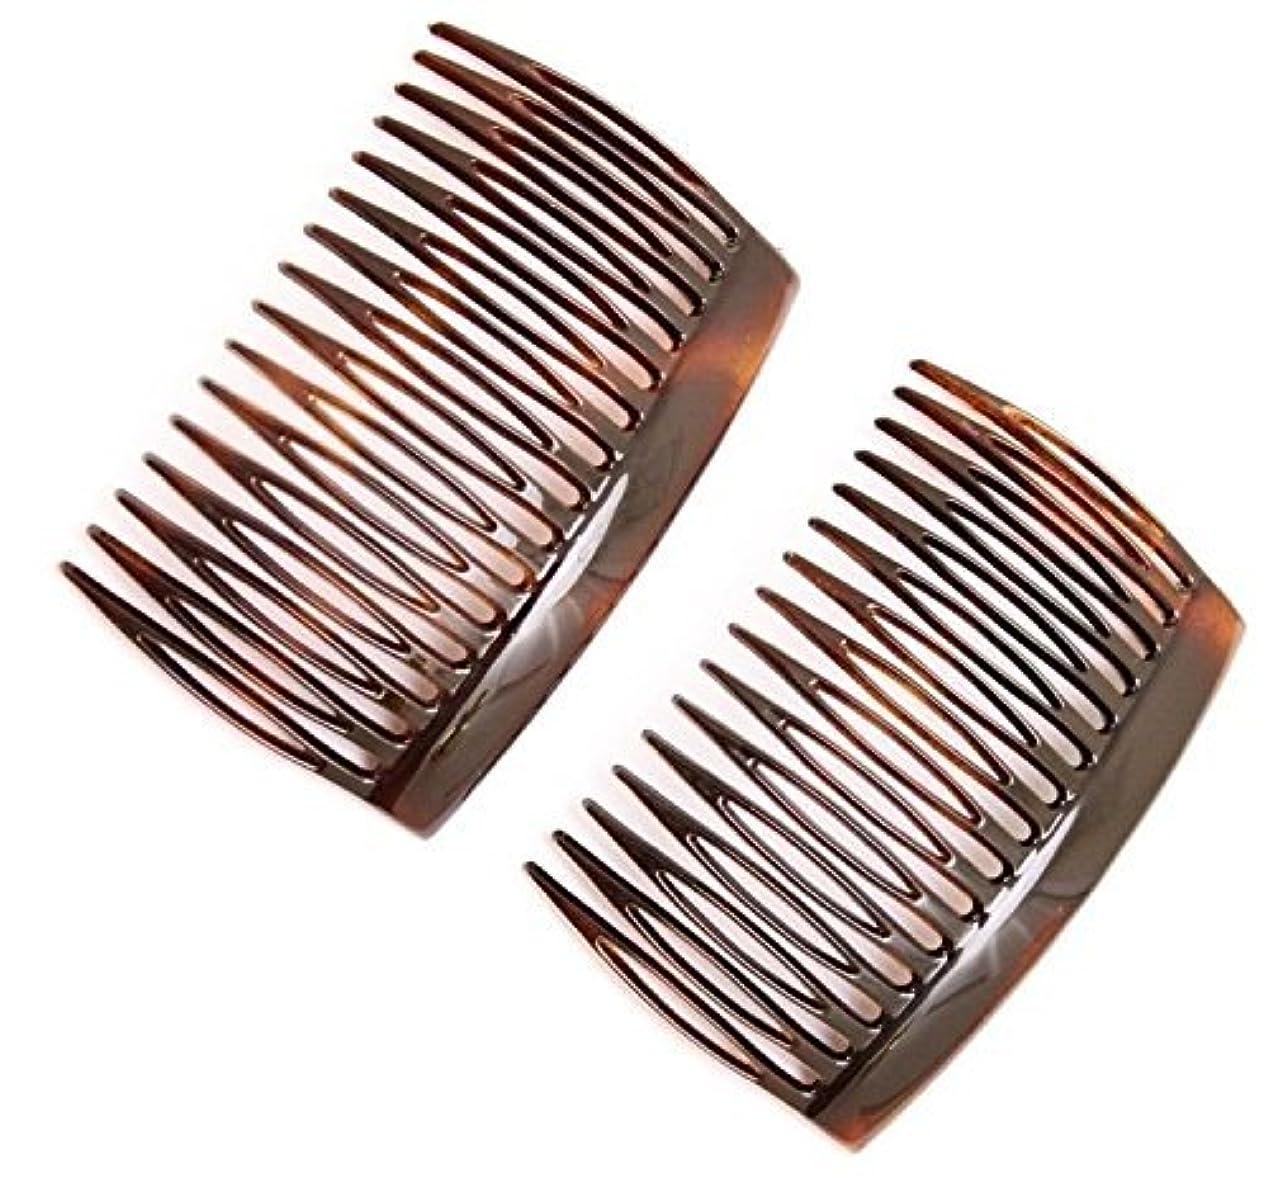 溶融ケーキ消毒剤Parcelona French 2 Pieces Glossy Celluloid Shell Good Grip Updo 16 Teeth Hair Side Combs -2.75 Inches (2 Pcs)...